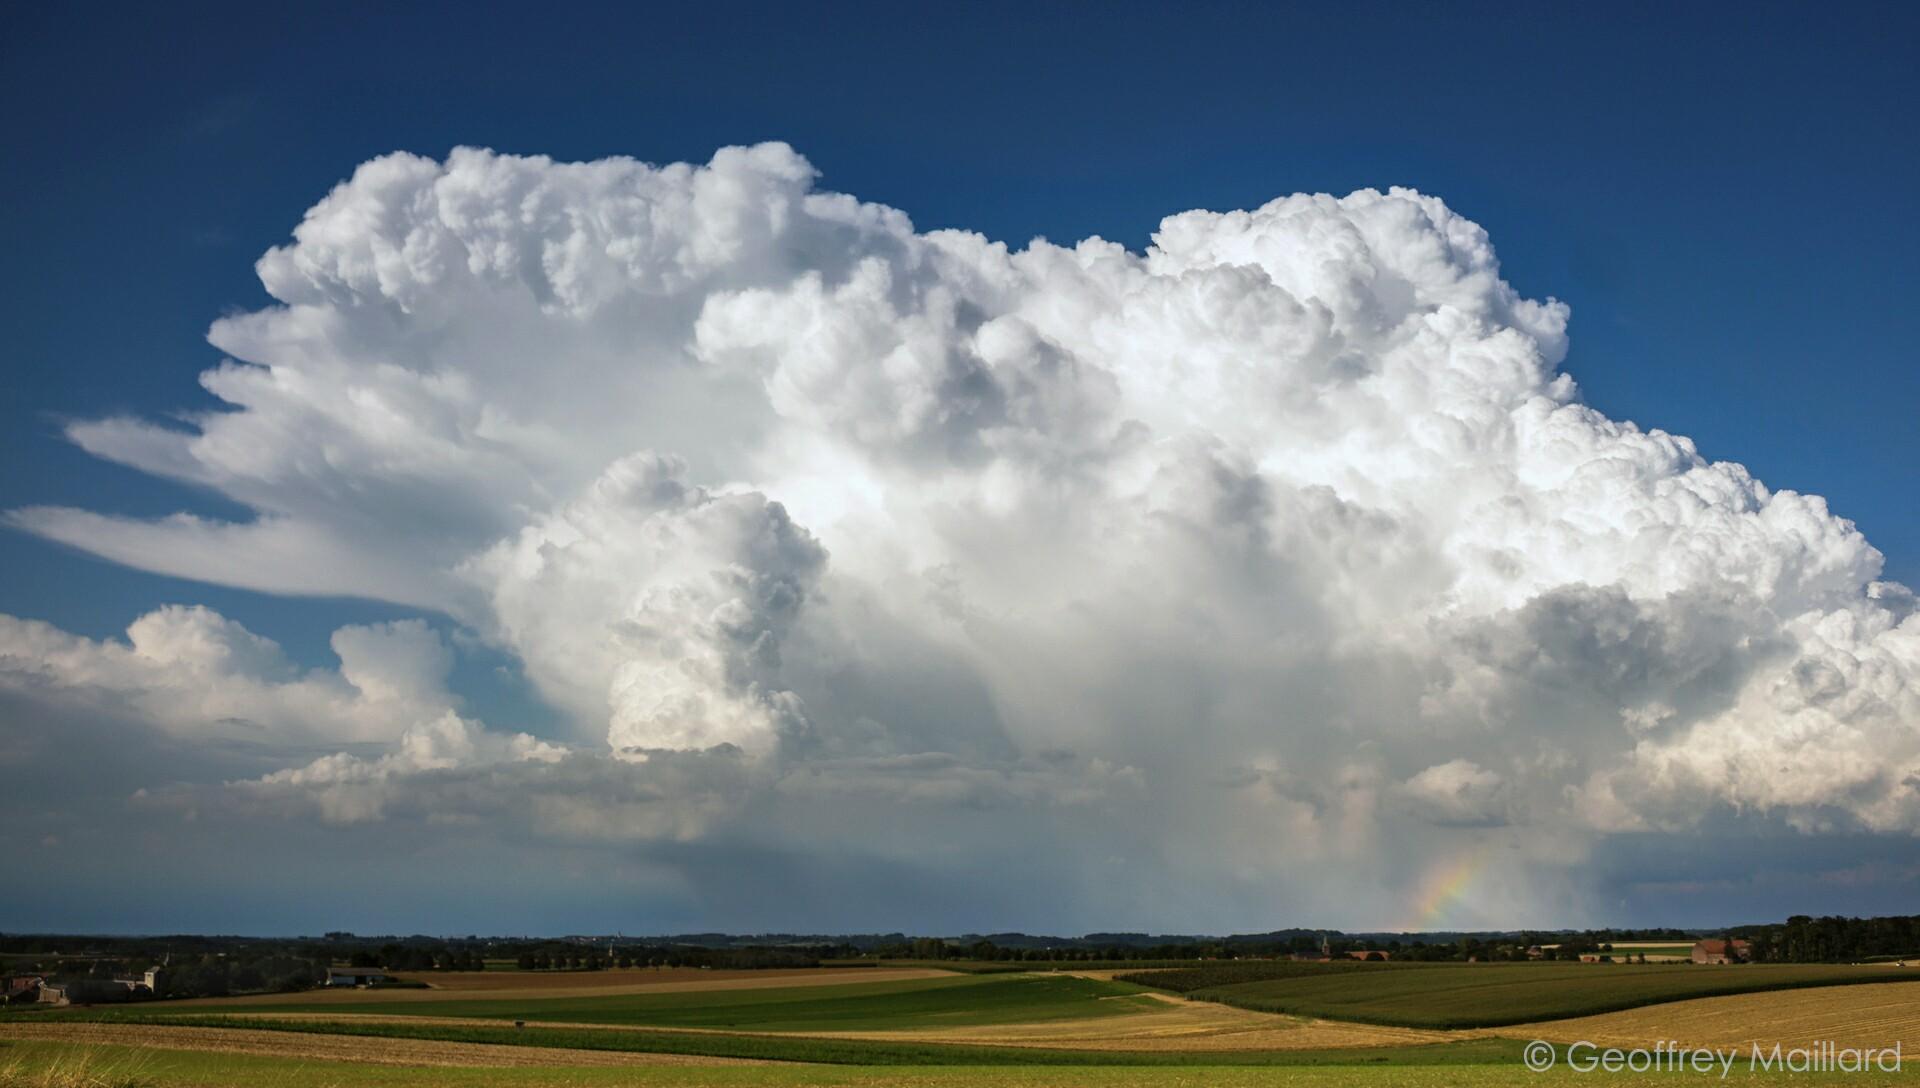 фотографии облачного неба естественные без прикрас днём медика вас